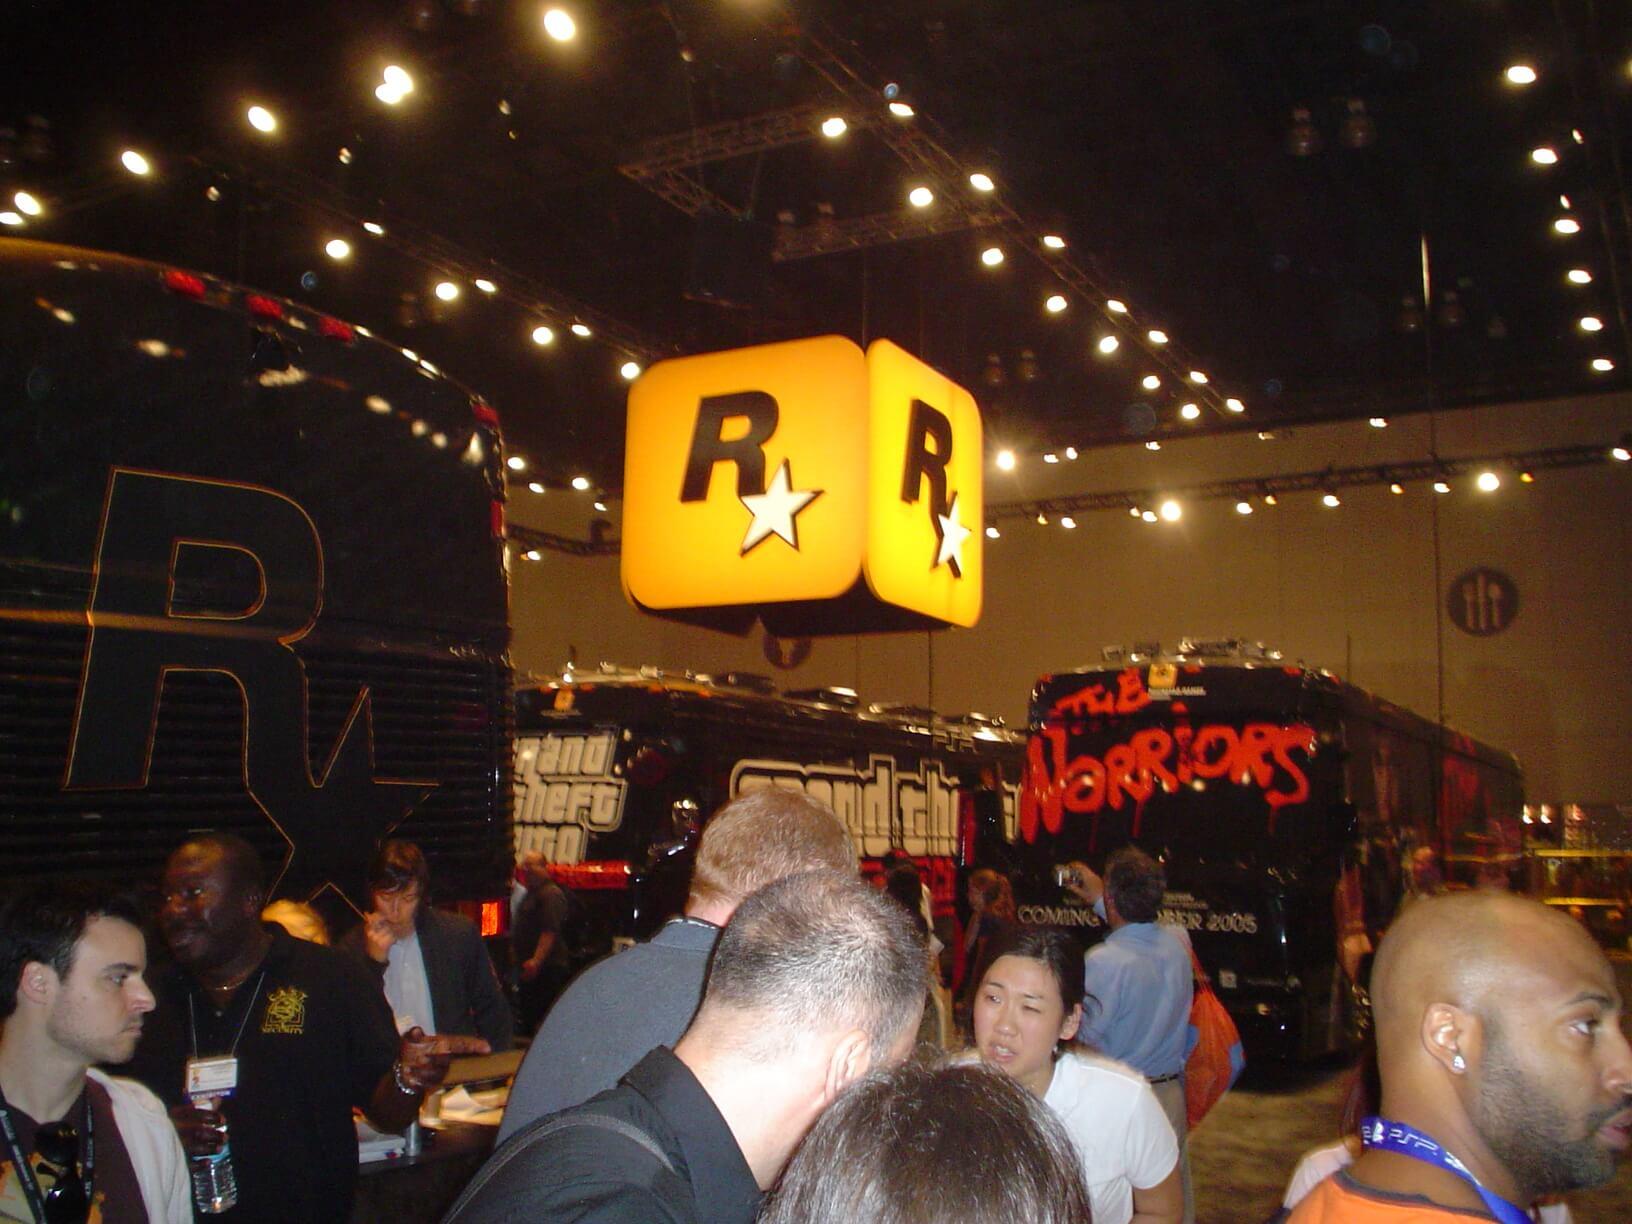 Rockstar_buses_at_e3_2005